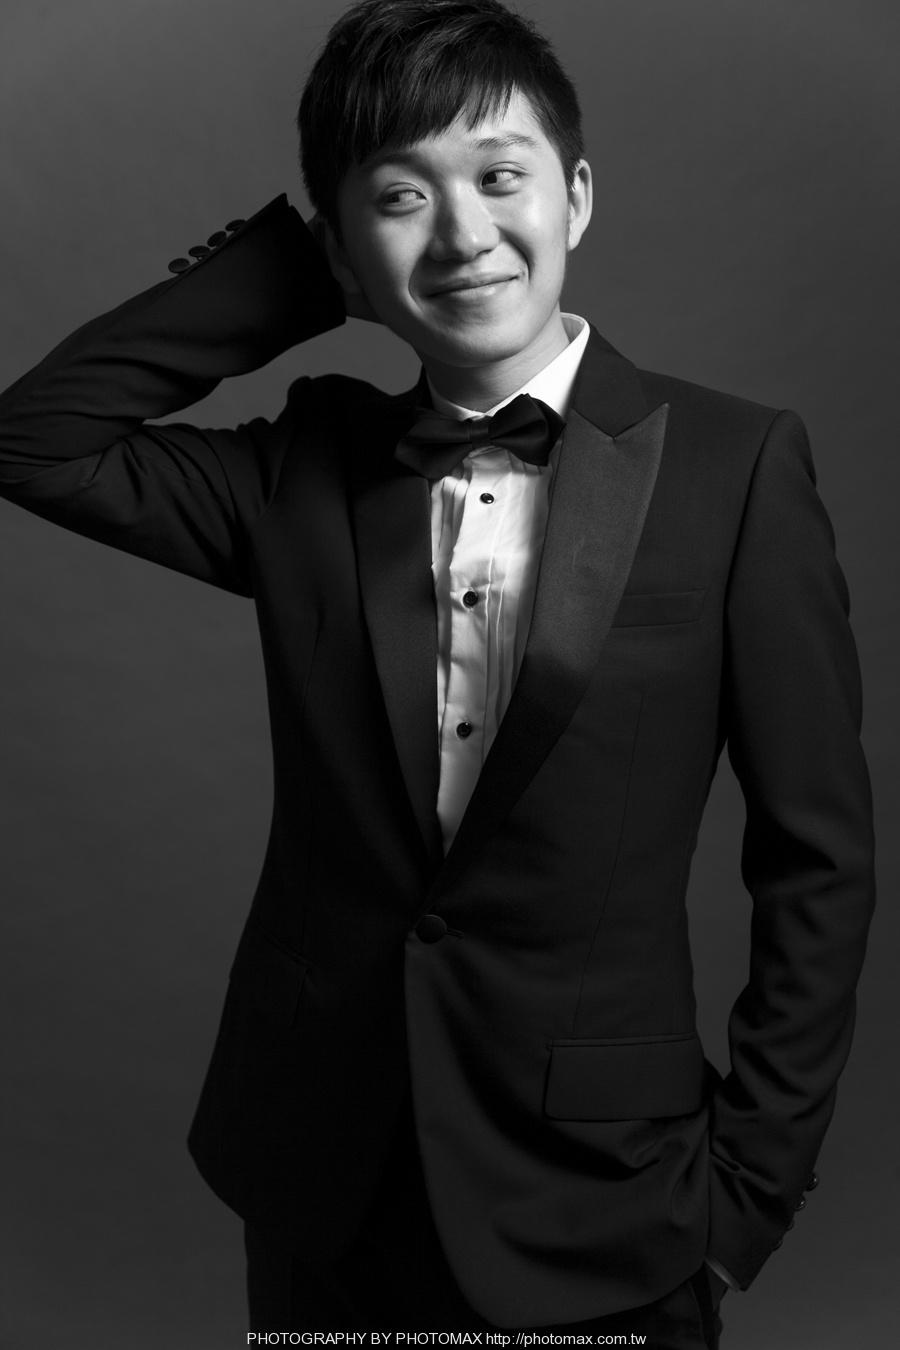 莊可馨 PHOTOMAX 婚纱摄影 PHOTO MAX 老麦摄影 (2)